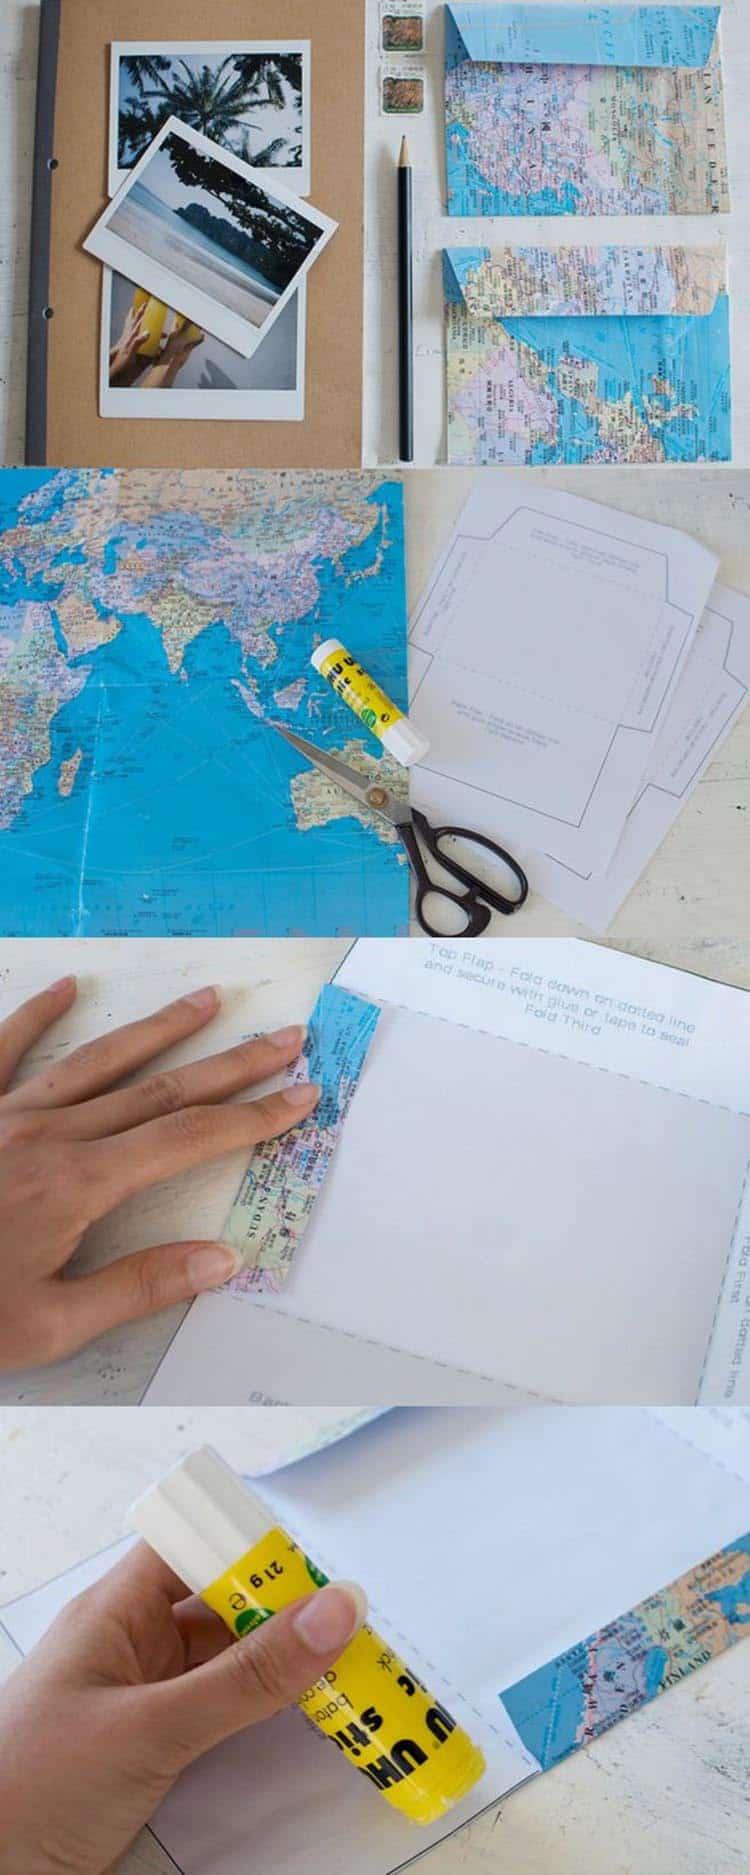 Desain Amplop Lebaran Tinggal Print : desain, amplop, lebaran, tinggal, print, Kreasi, Desain, Amplop, Lebaran, Angpao, GOODMINDS.ID